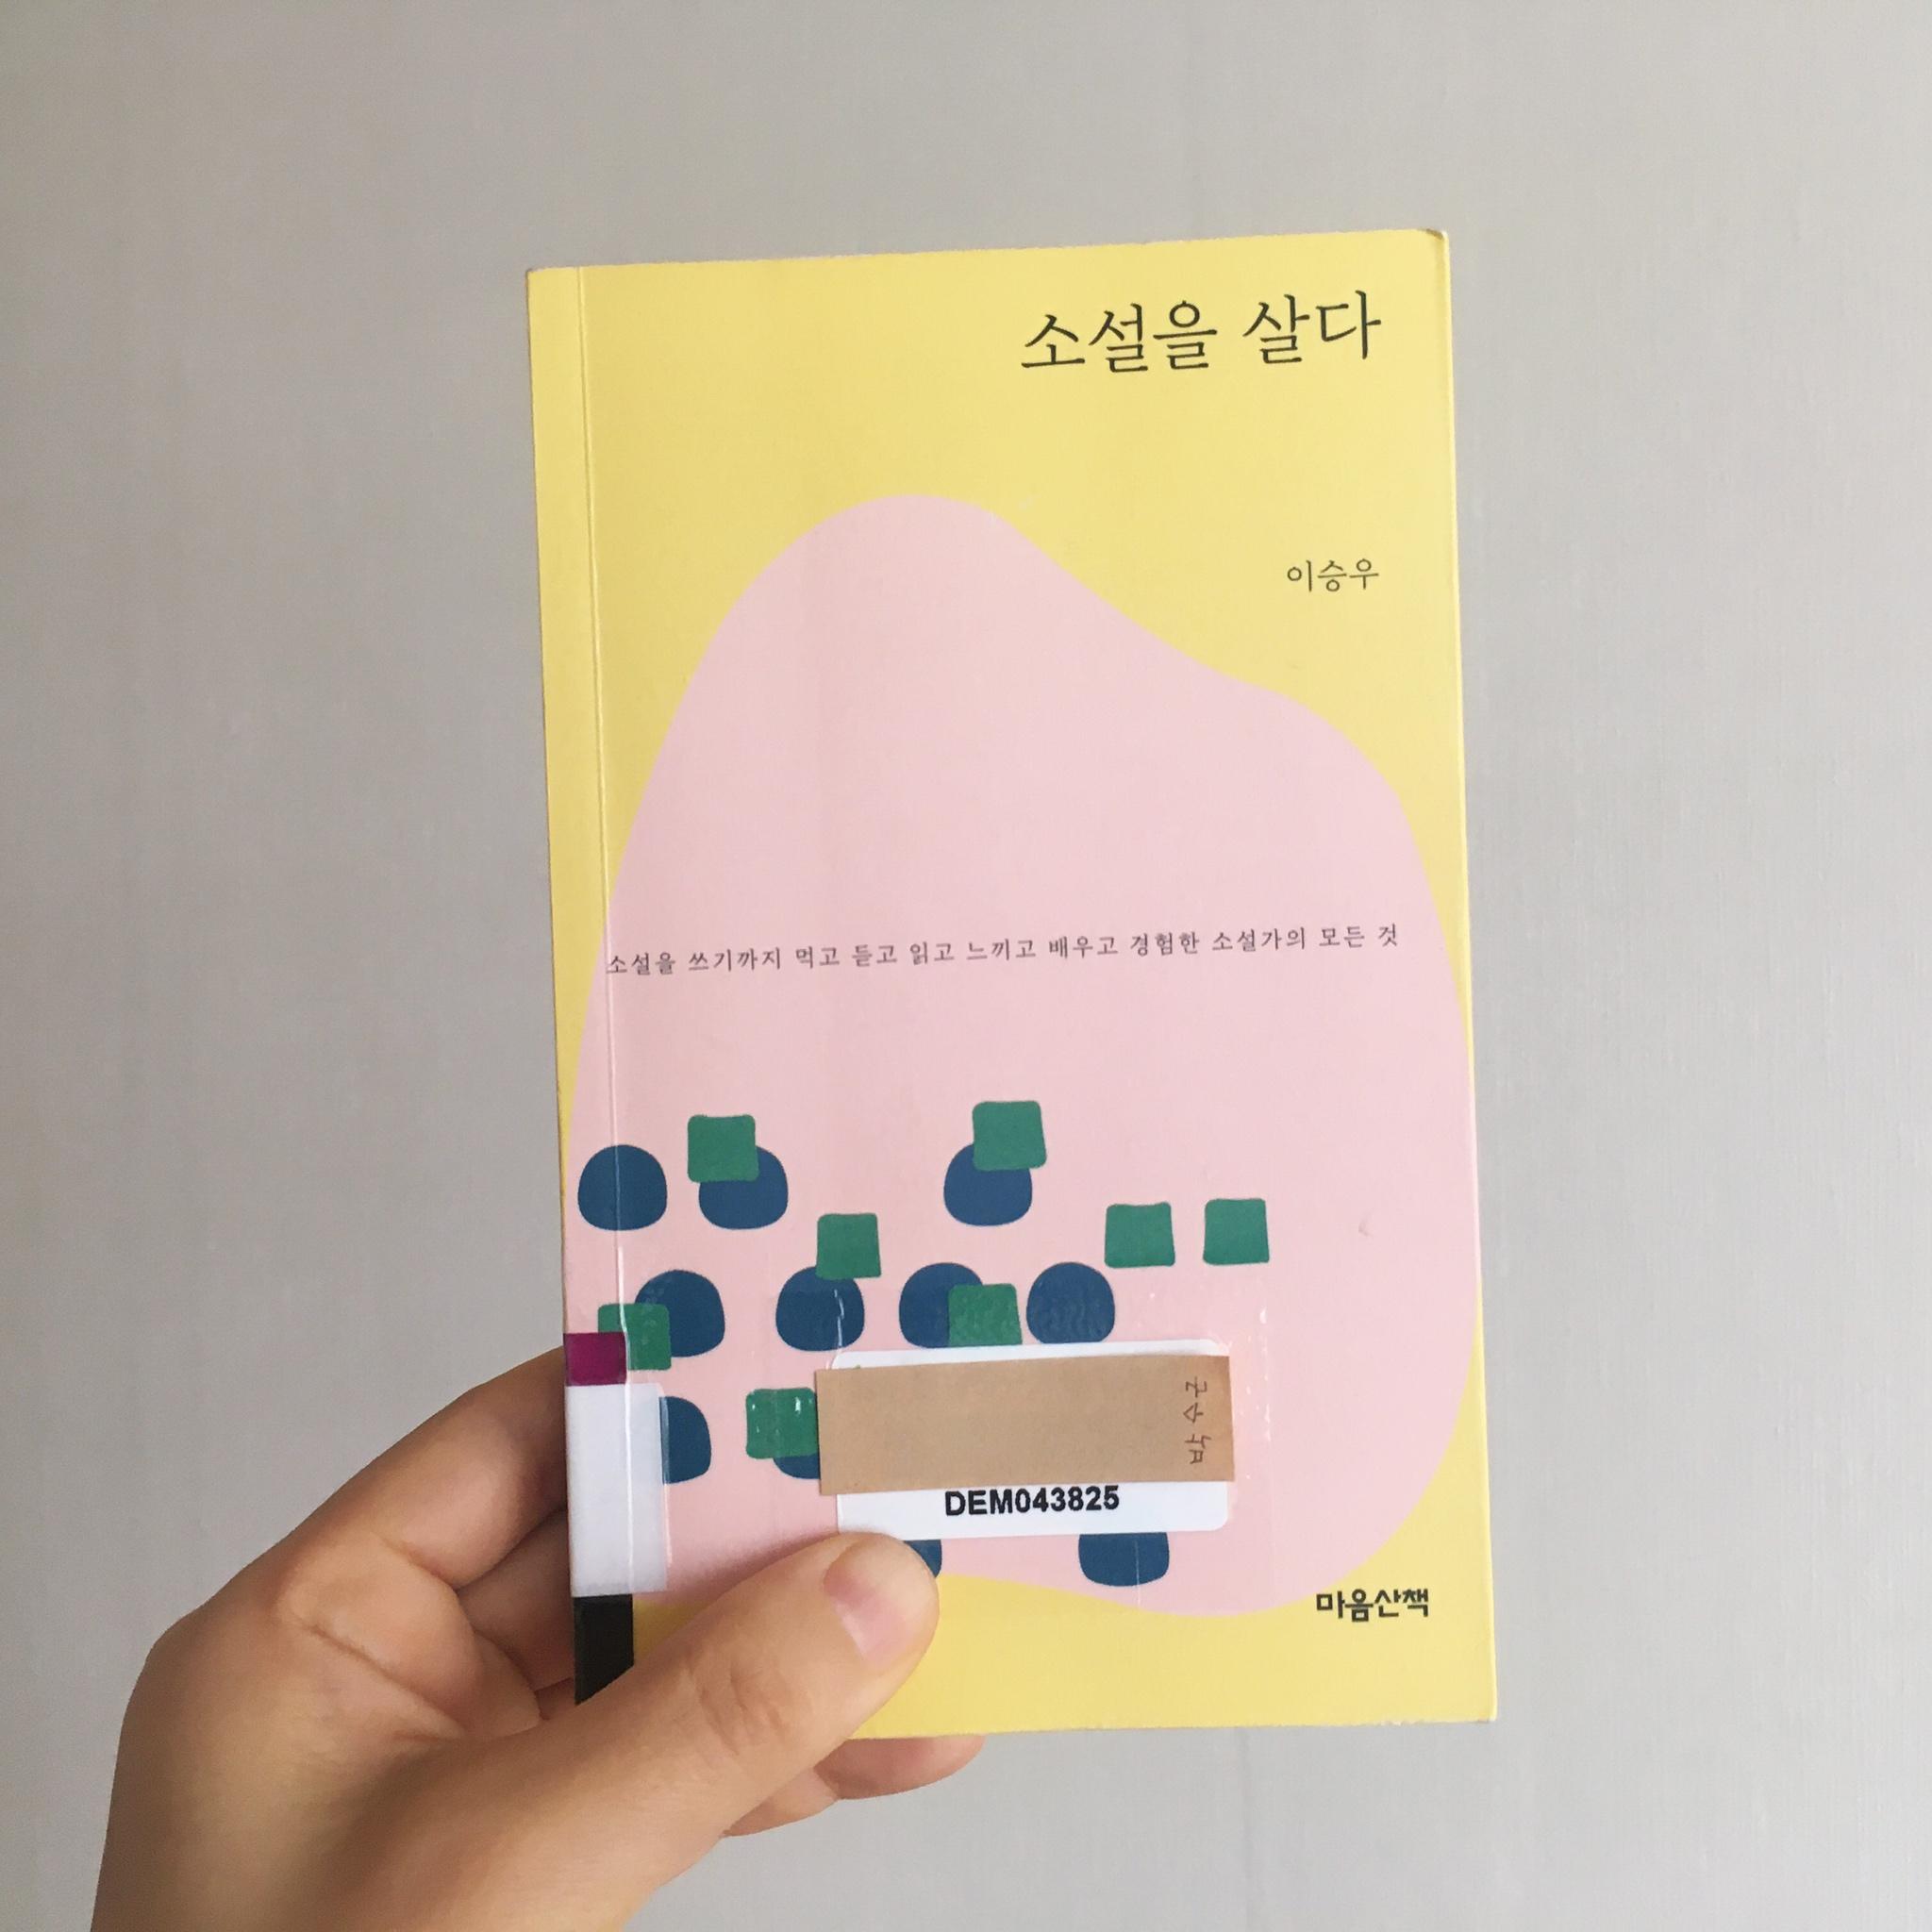 [북 리뷰] 소설을 살다. 이승우. 마음산책. (2019)